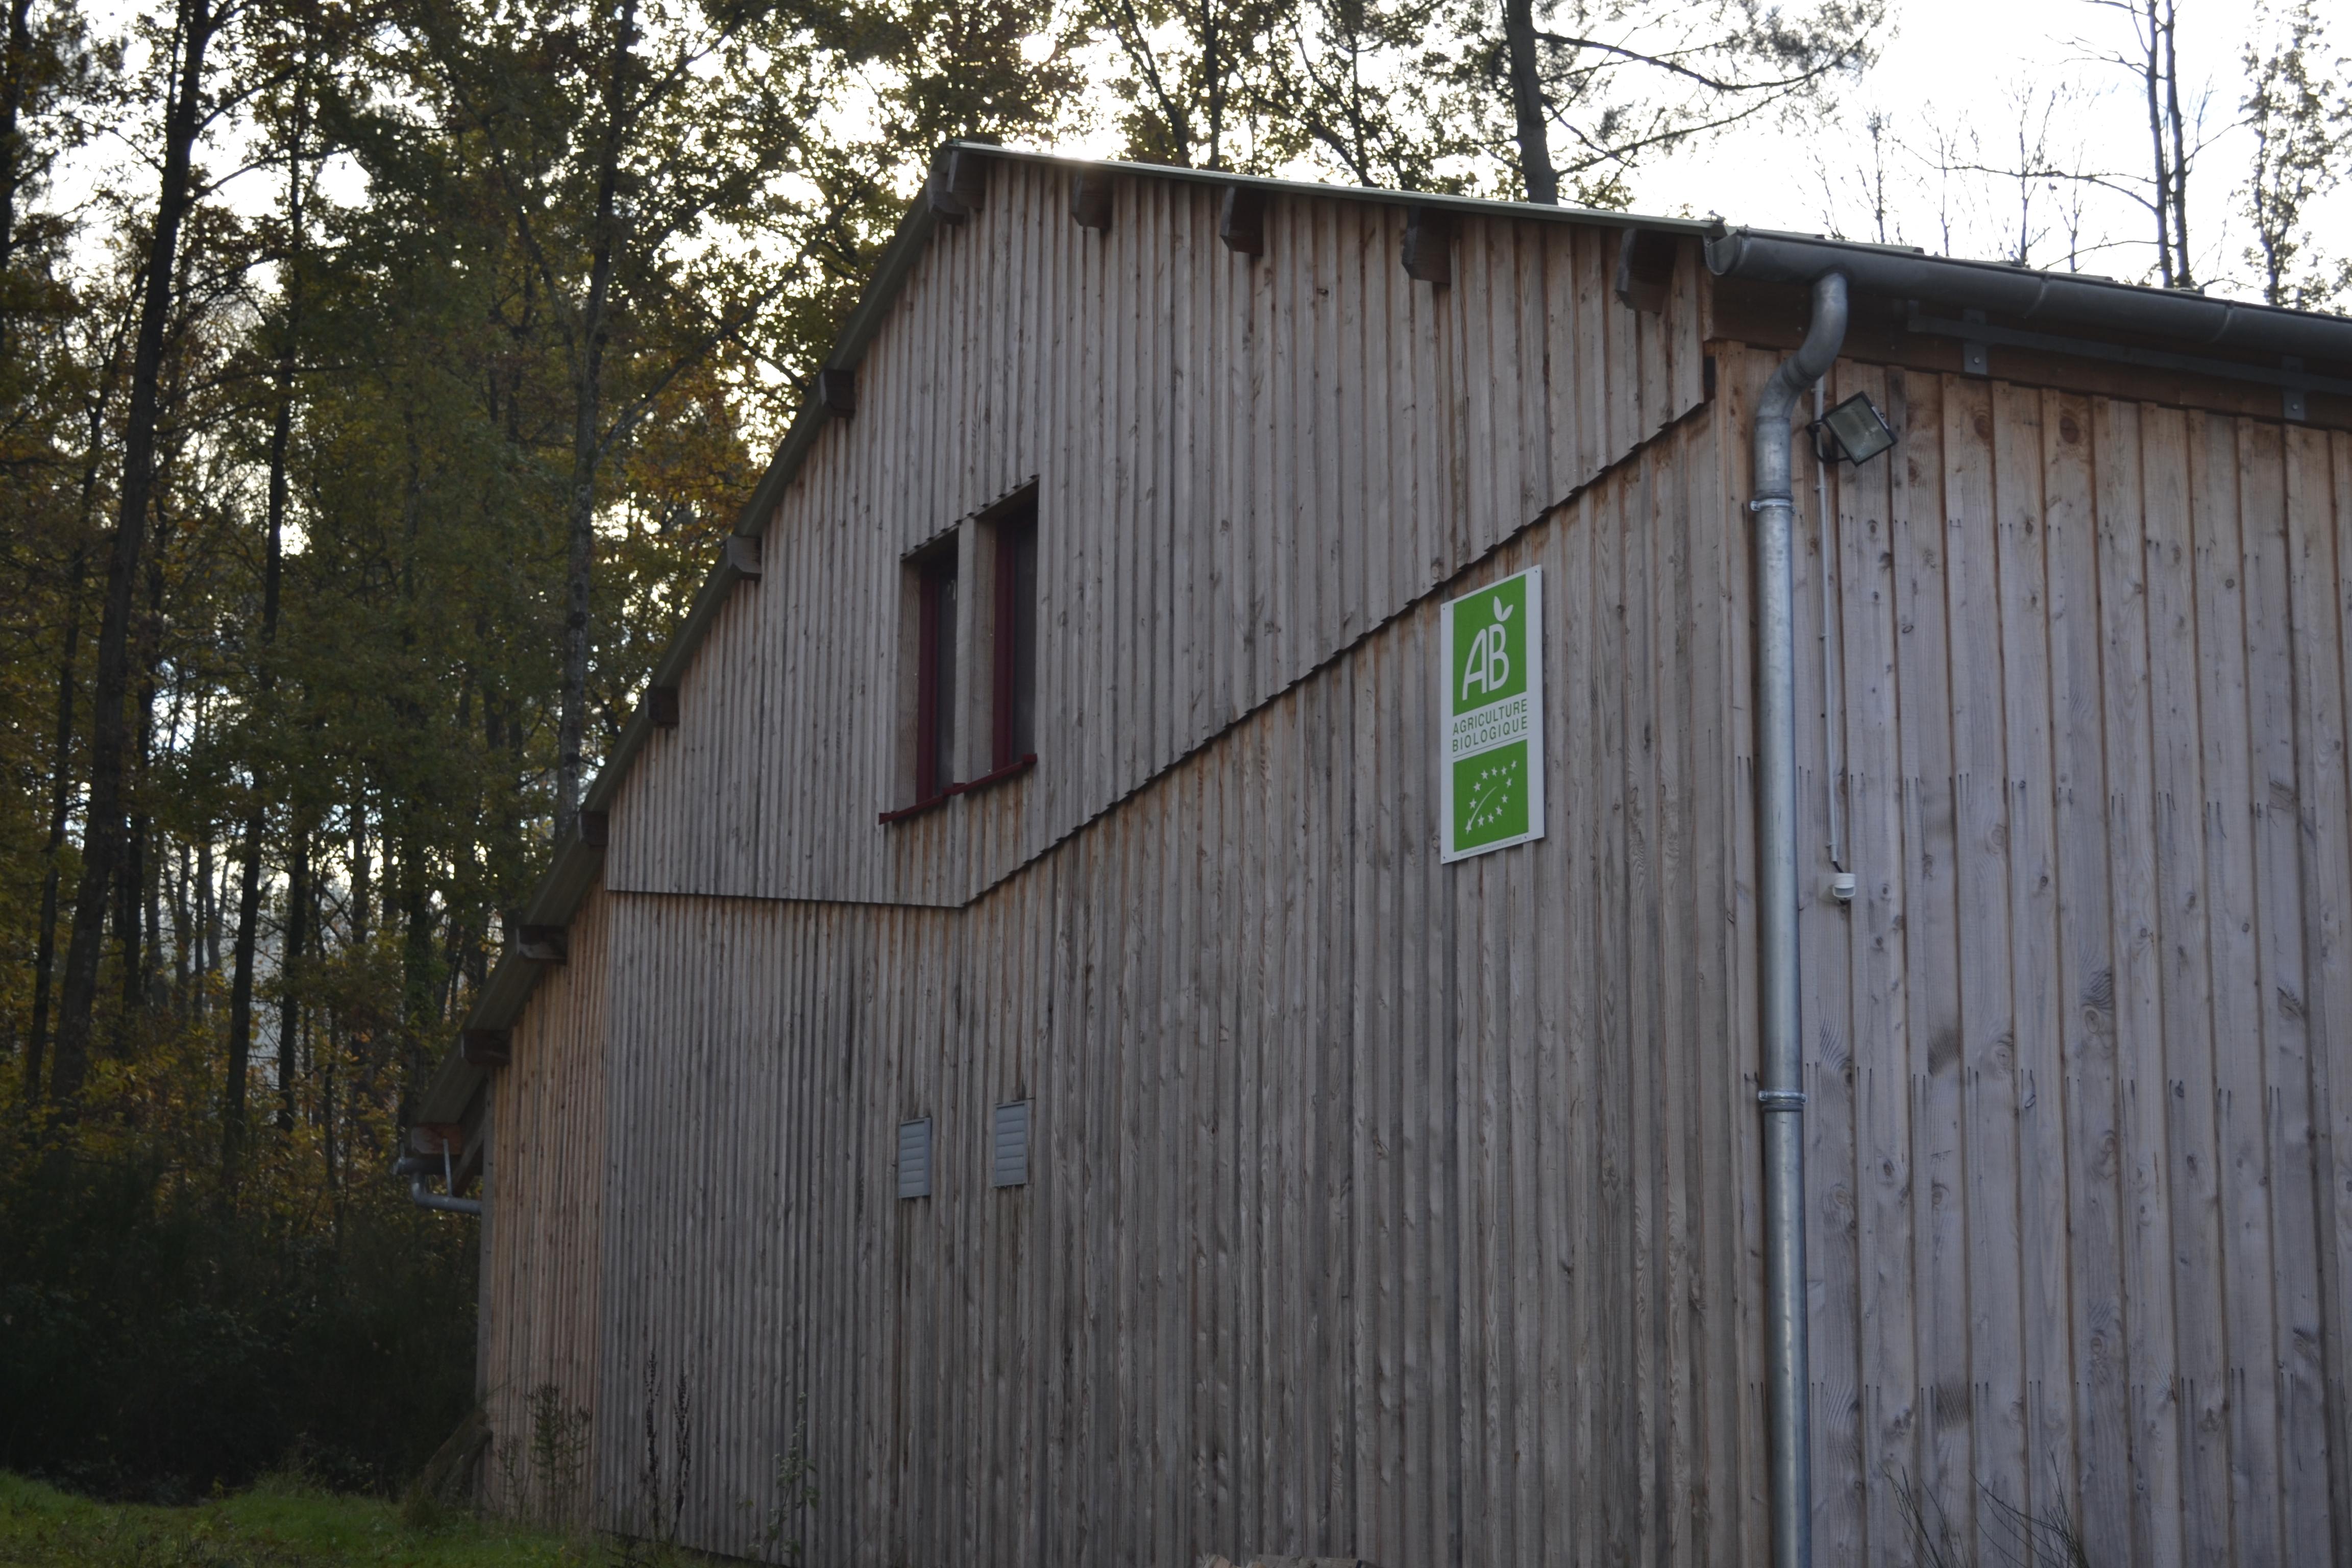 Constructeur Batiment Agricole Bois - Les Eco Logis Bois Sarthe Lombron Construction Rénovation Isolationécologique bois et